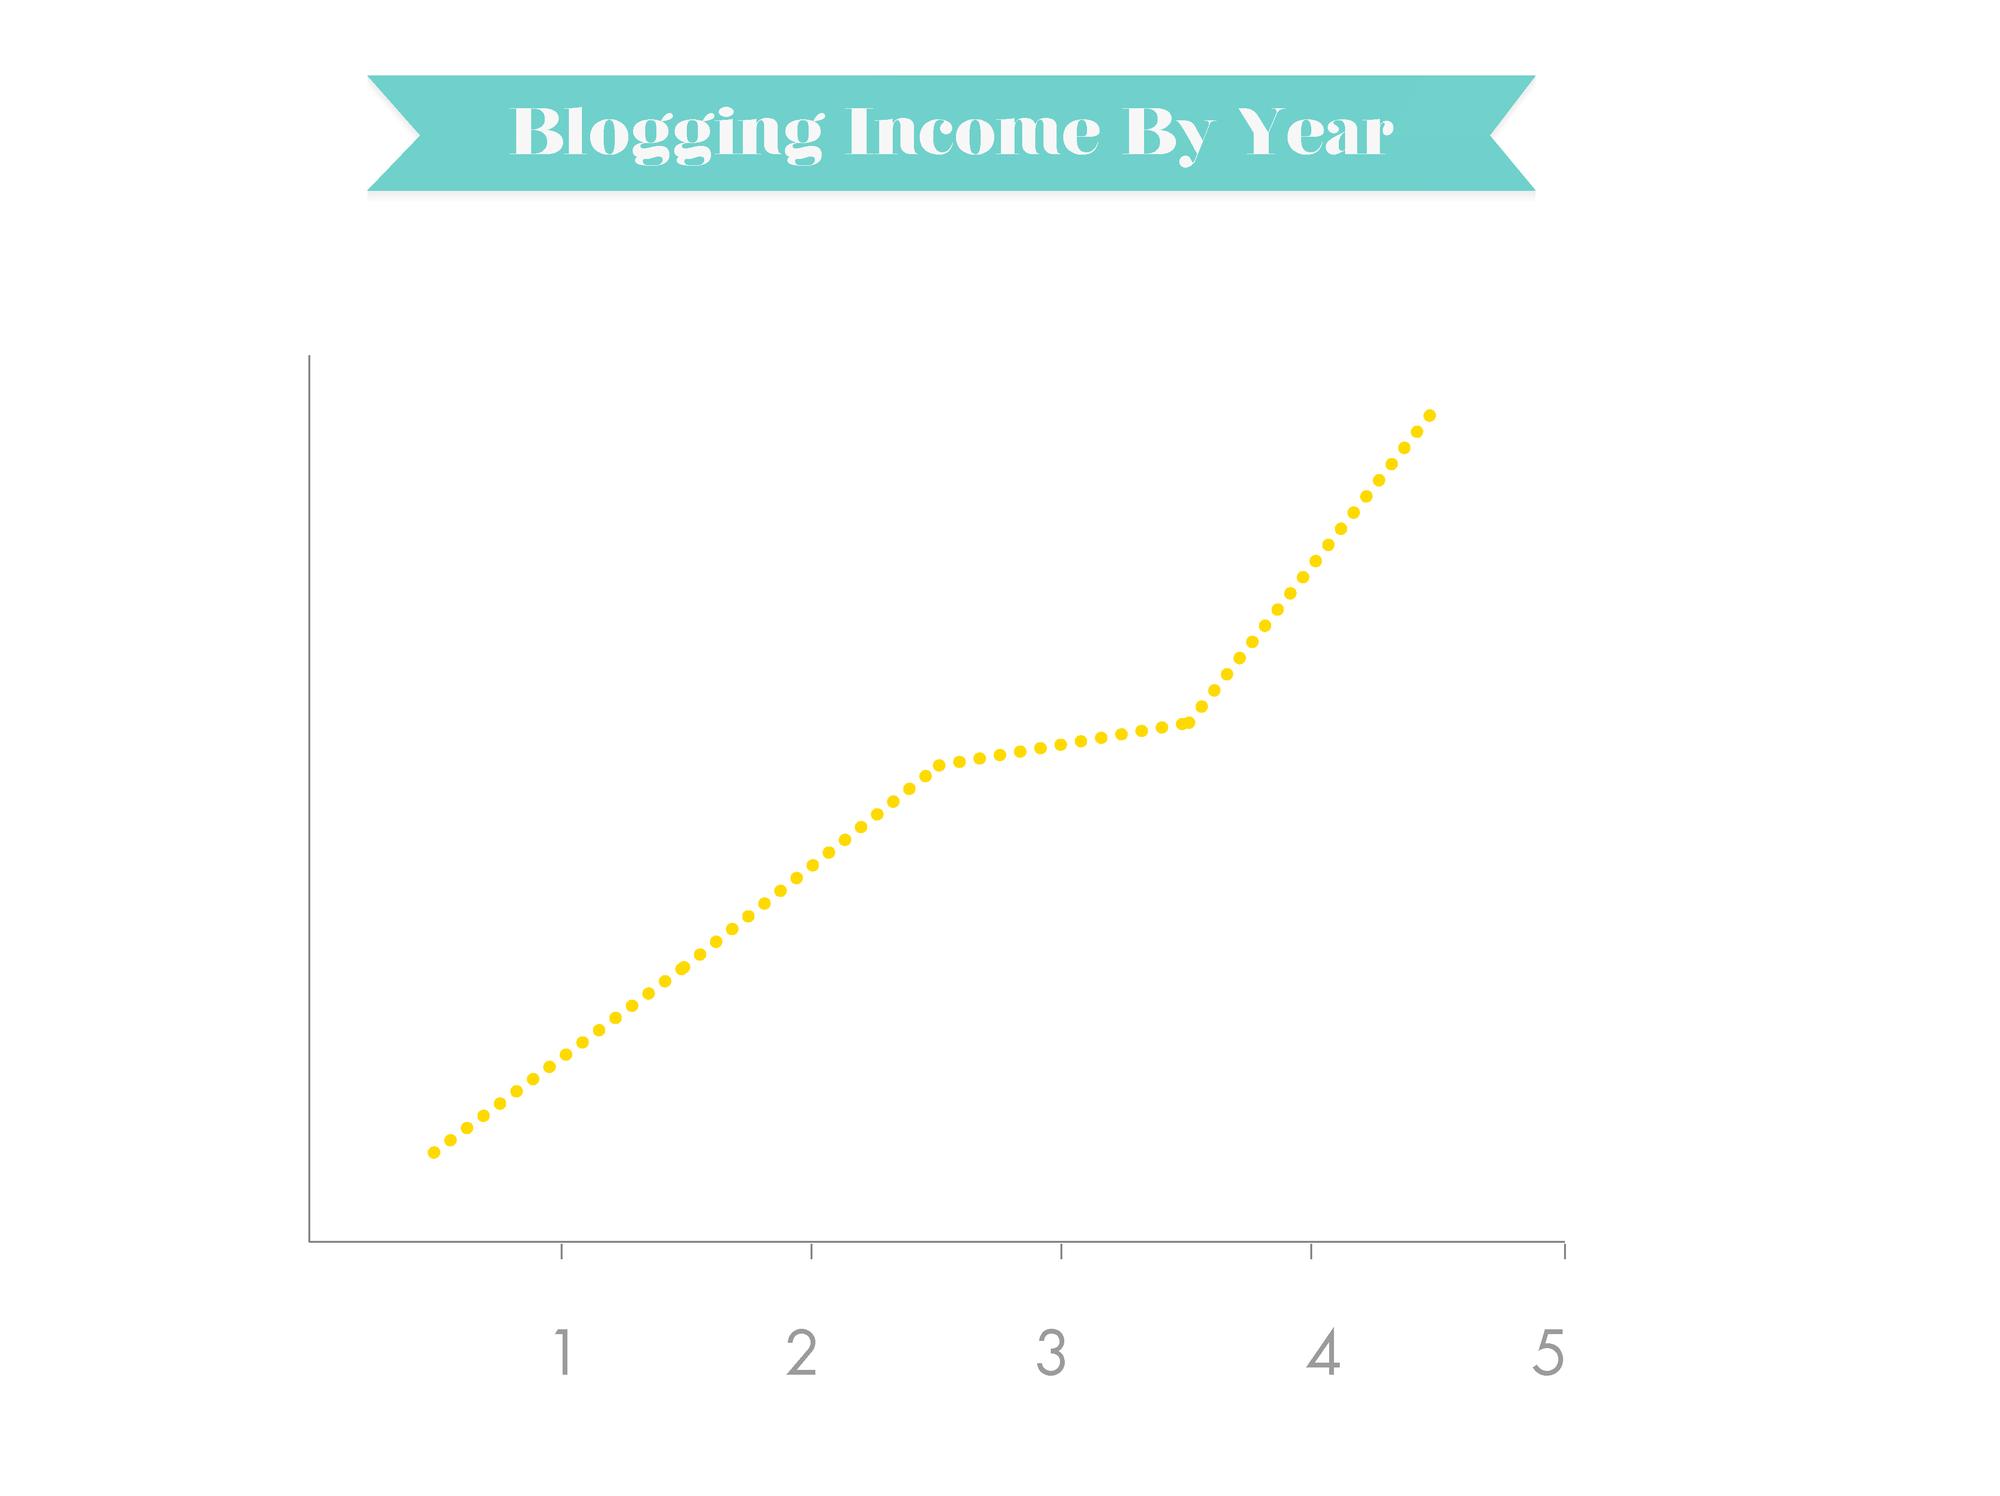 Blogging Income